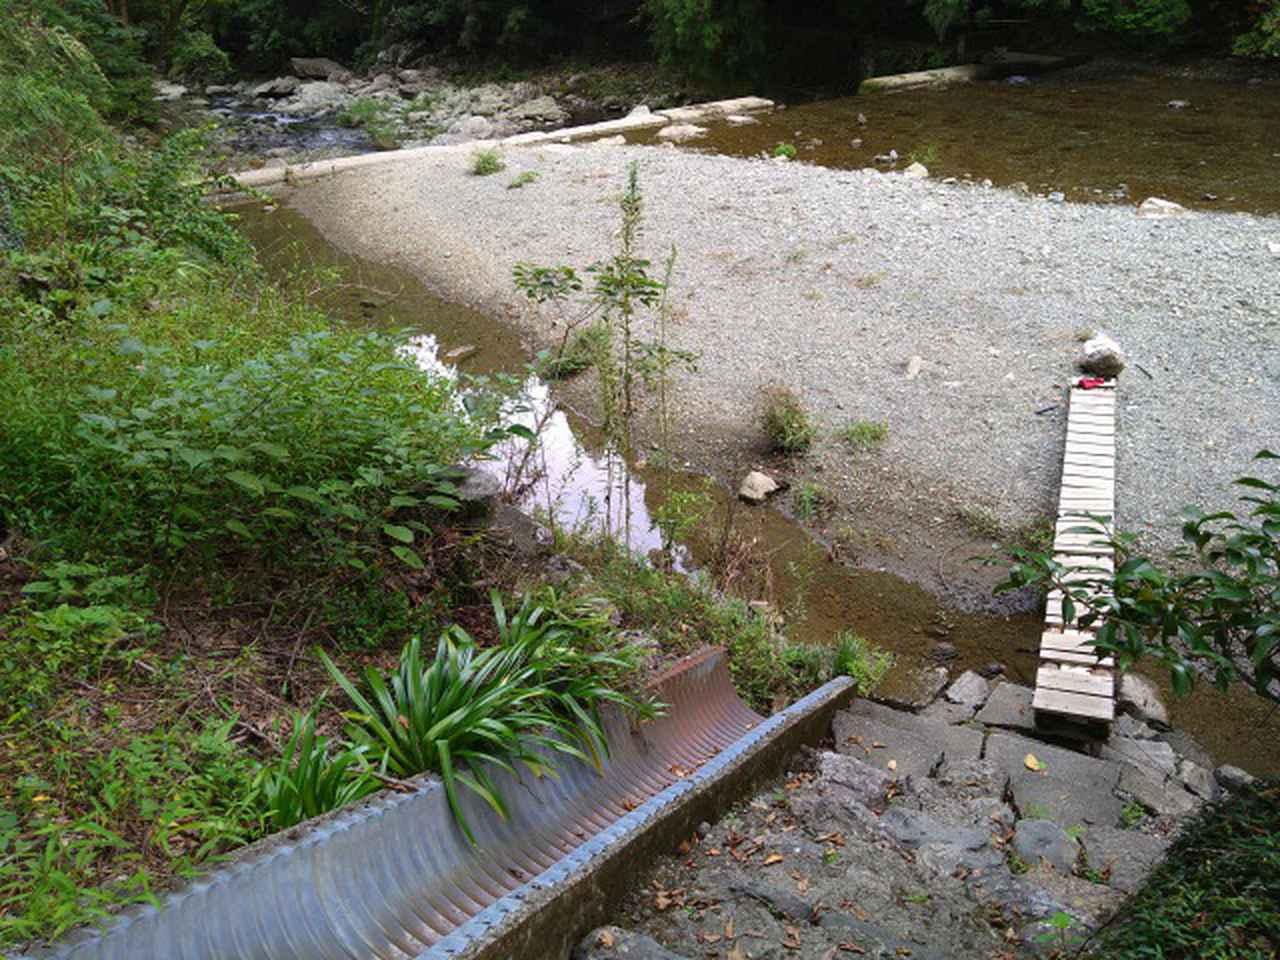 画像: 筆者撮影「板を渡って川へ」